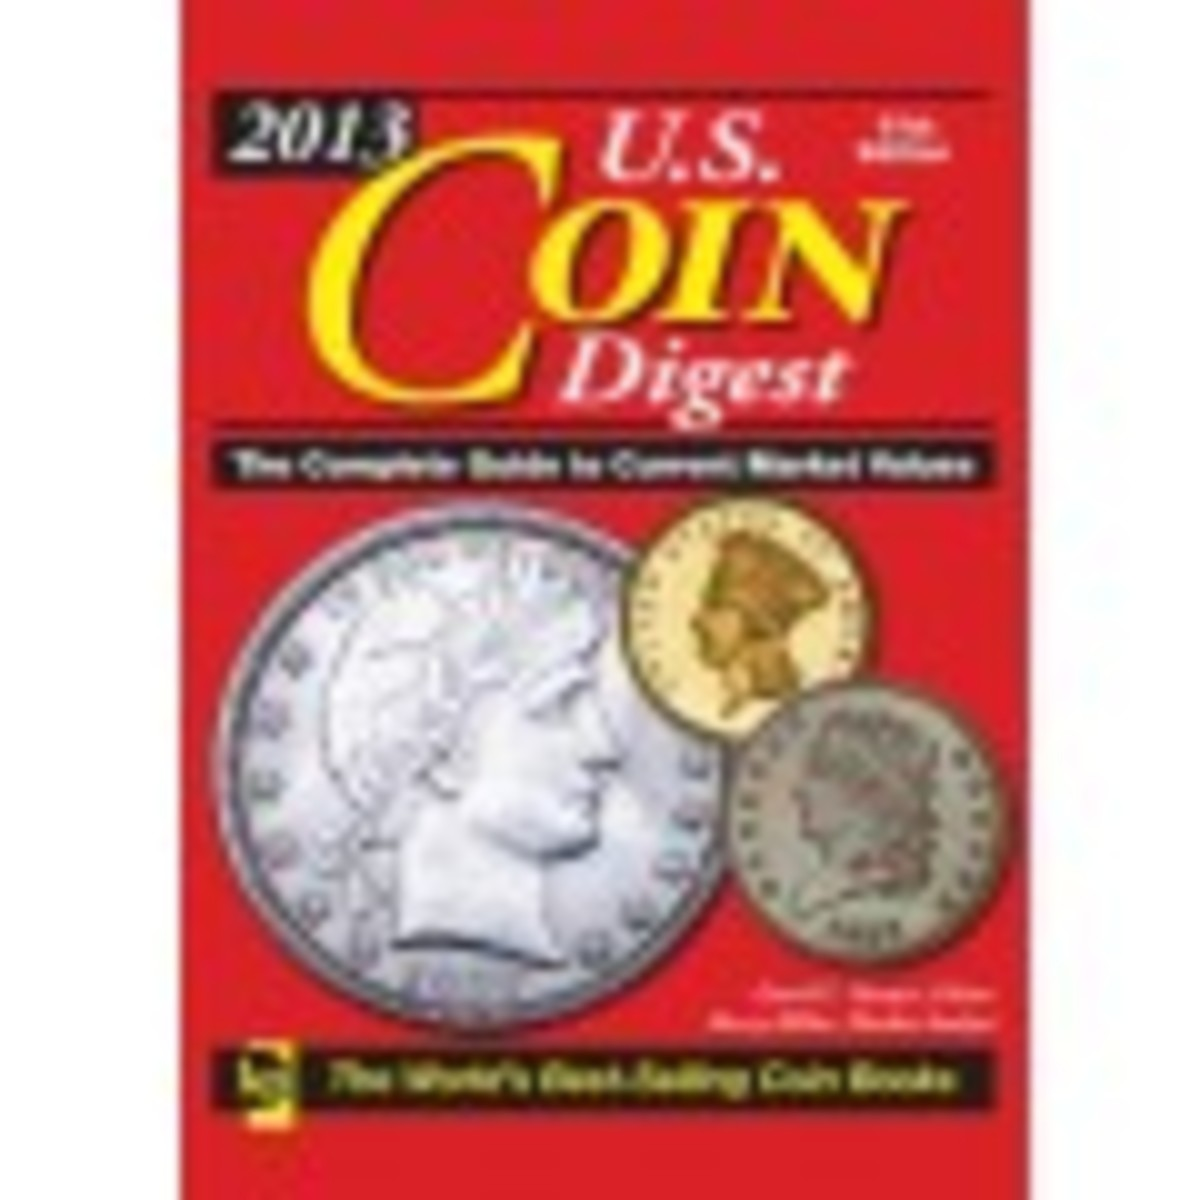 2013 U.S. Coin Digest